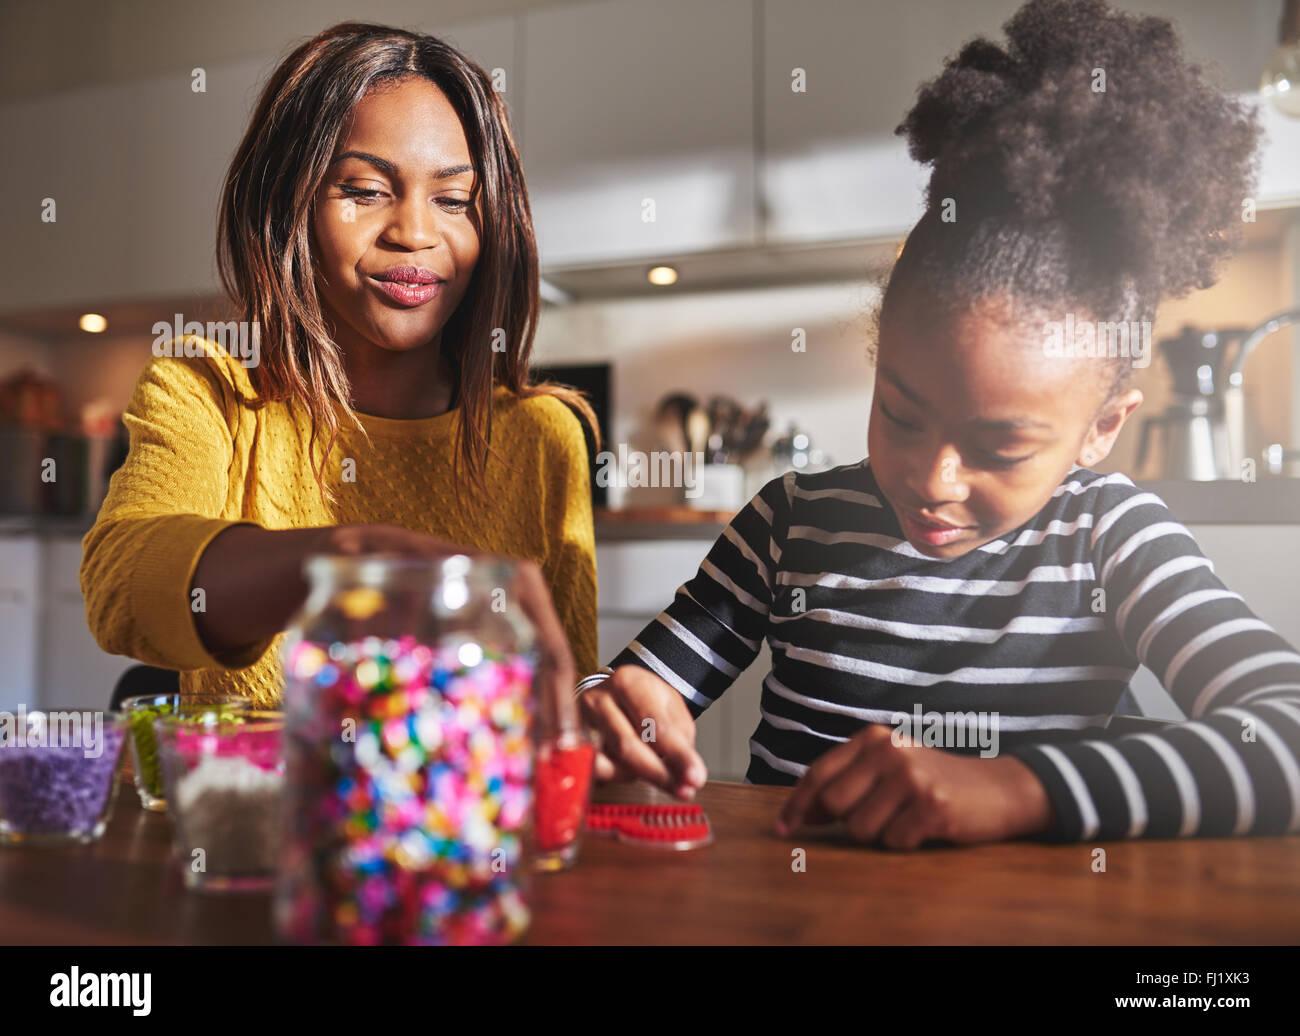 Süße junge Mädchen in gestreiften Hemd macht eine rote Perle Handwerk mit Frau in der Küche Stockbild